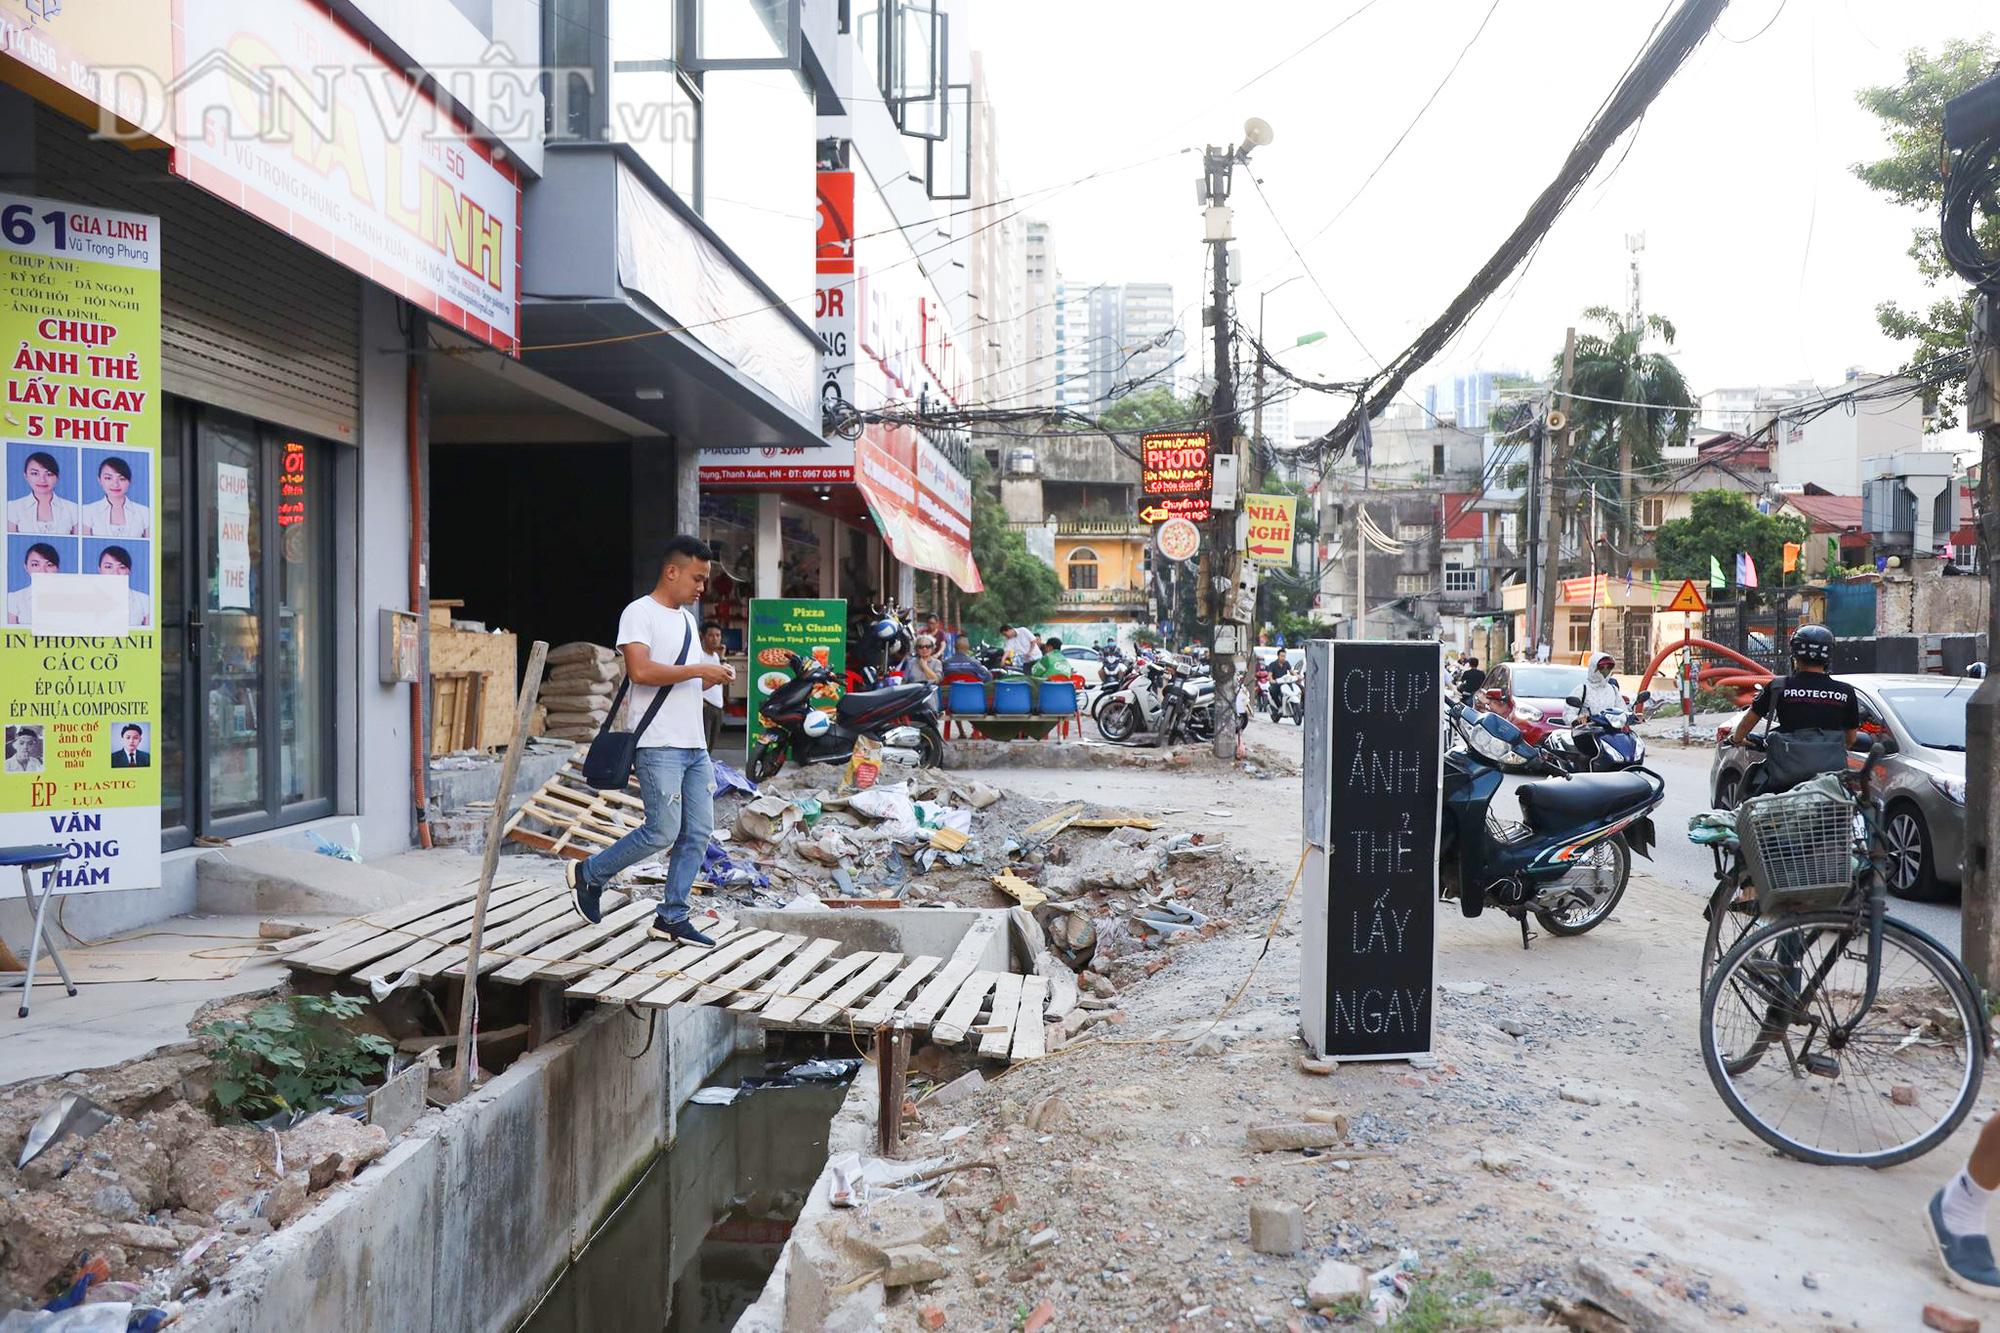 Theo ghi nhận của PV Dân Việt, việc thi công mở rộng diễn ra với tiến độ chậm kèm với nhiều bất cập khiến cho người dân gặp nhiều khó khăn trong việc đi lại. Để phục vụ việc thi công, nhiều nhà dân đã phải dùng những tấm gỗ làm thành cây cầu tạm để đi từ nhà ra đường.